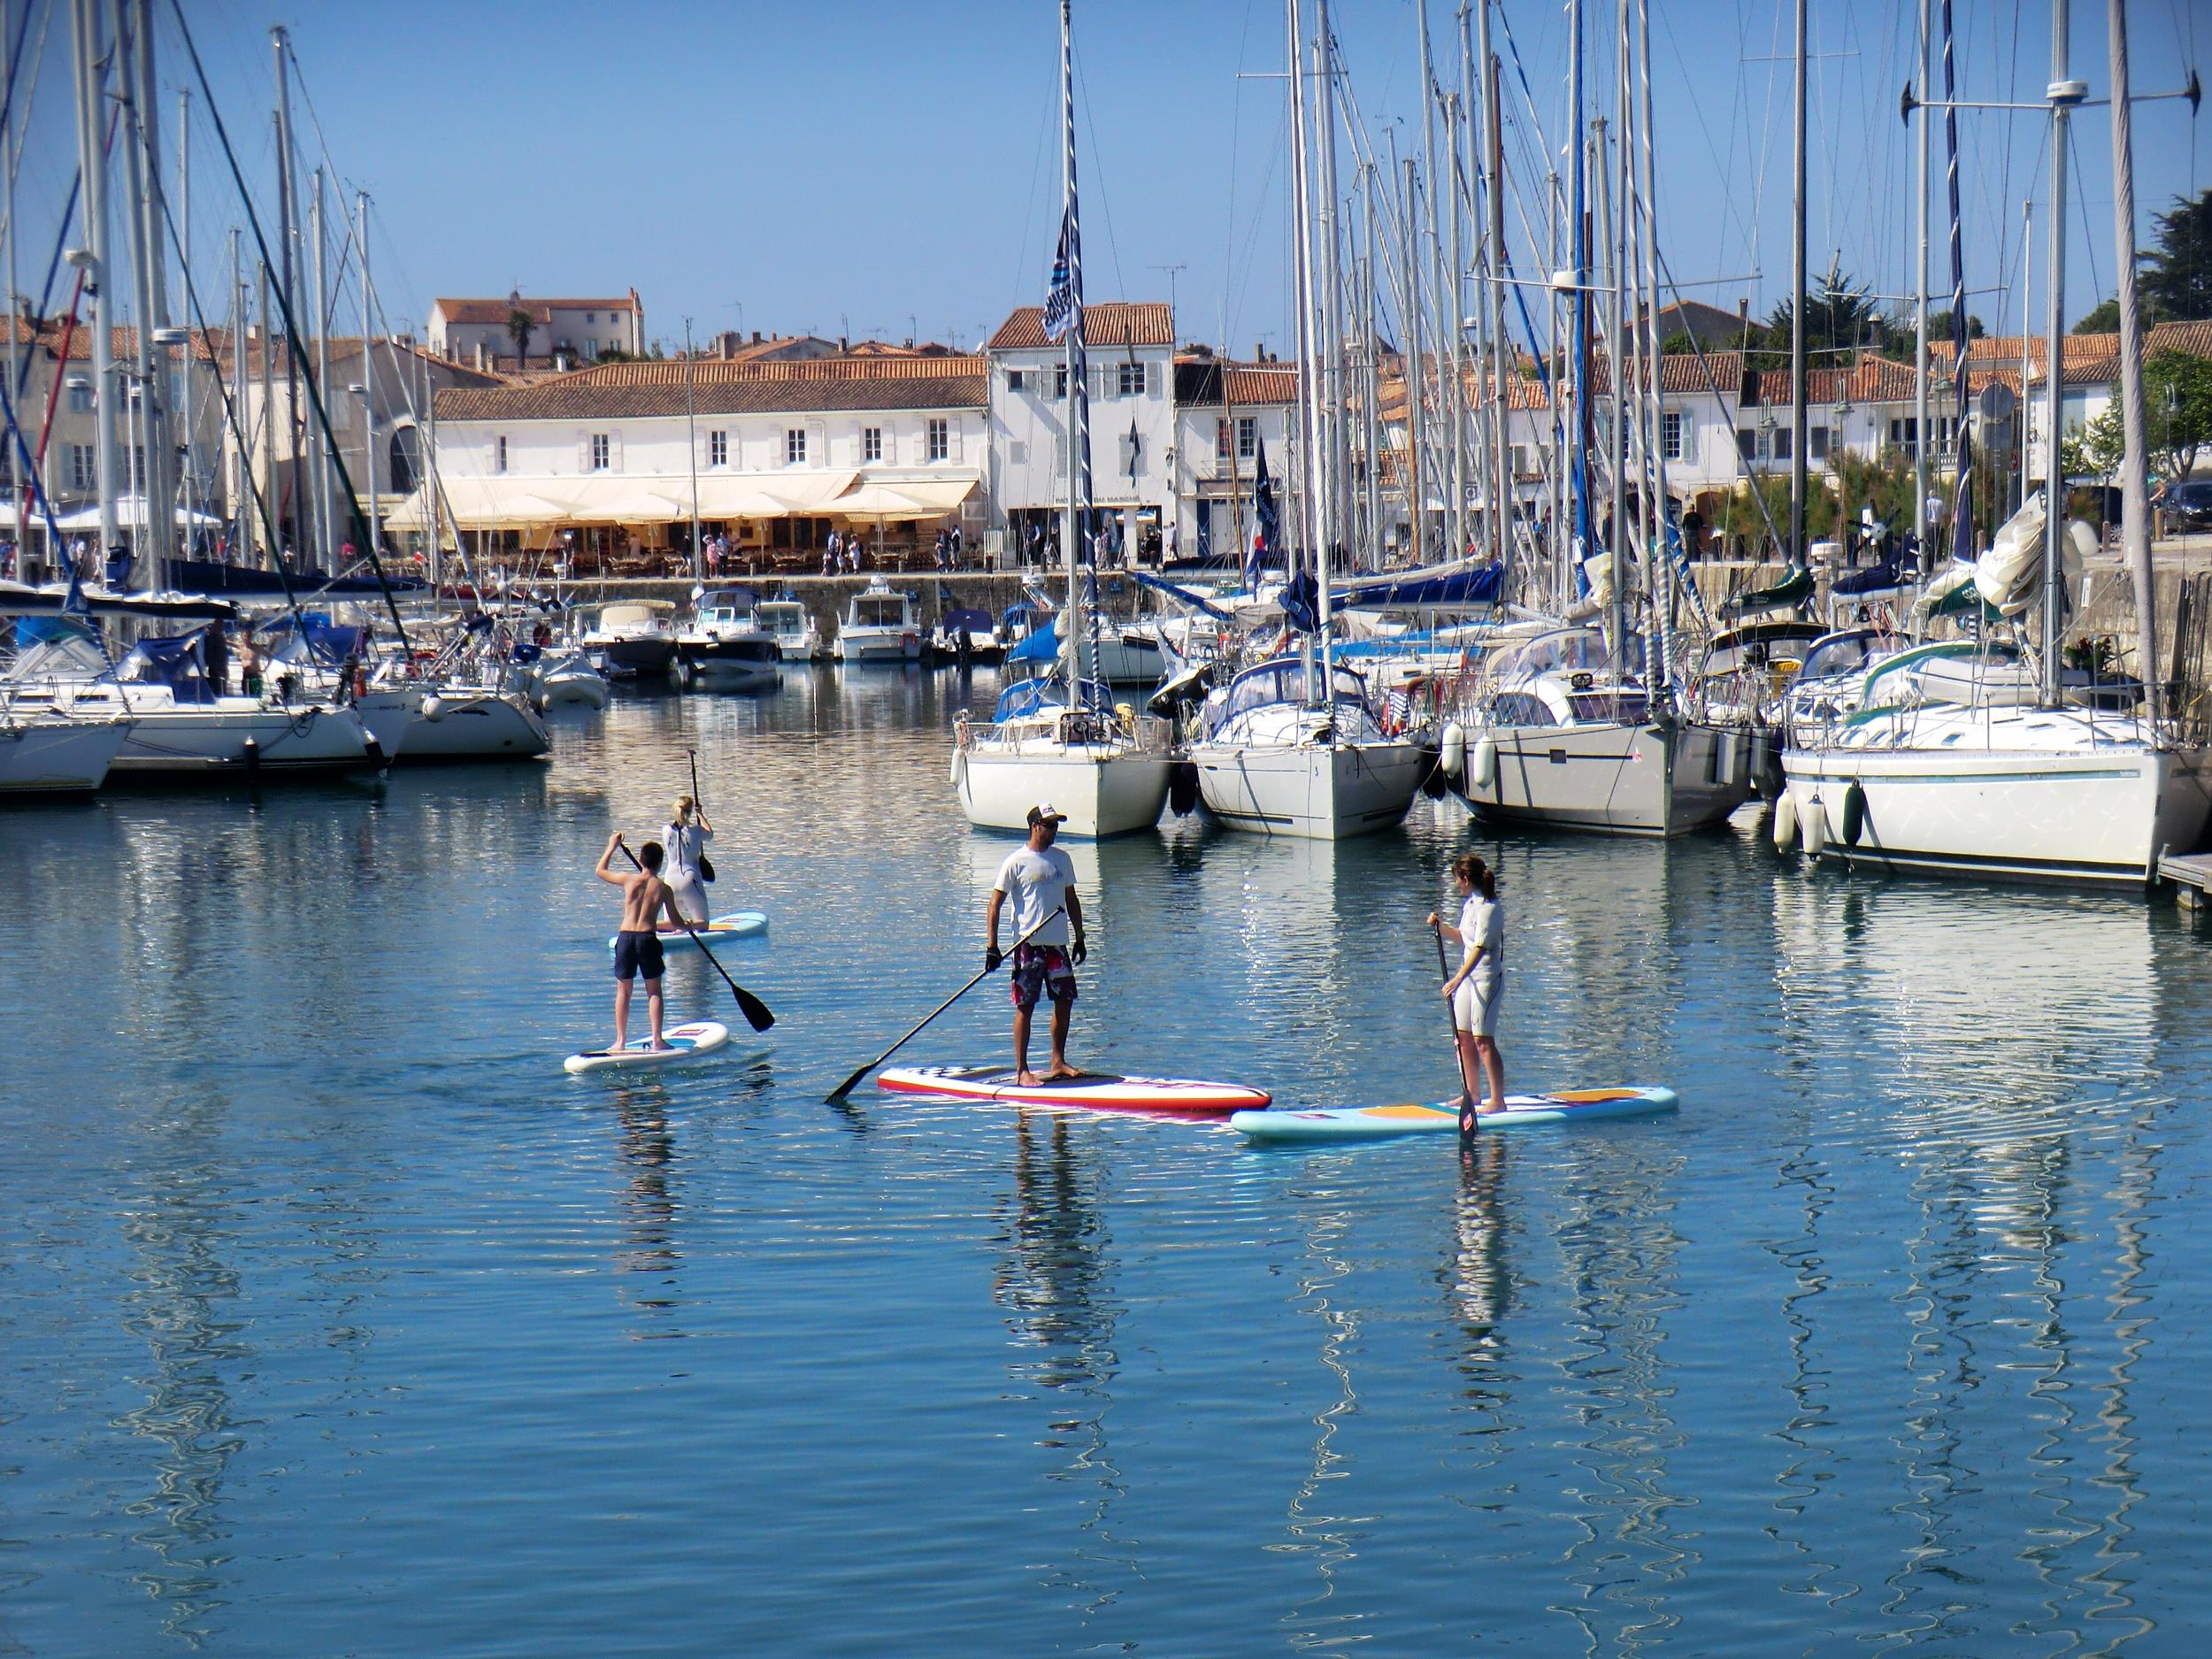 Red Paddle dans le Port de Saint-Martin